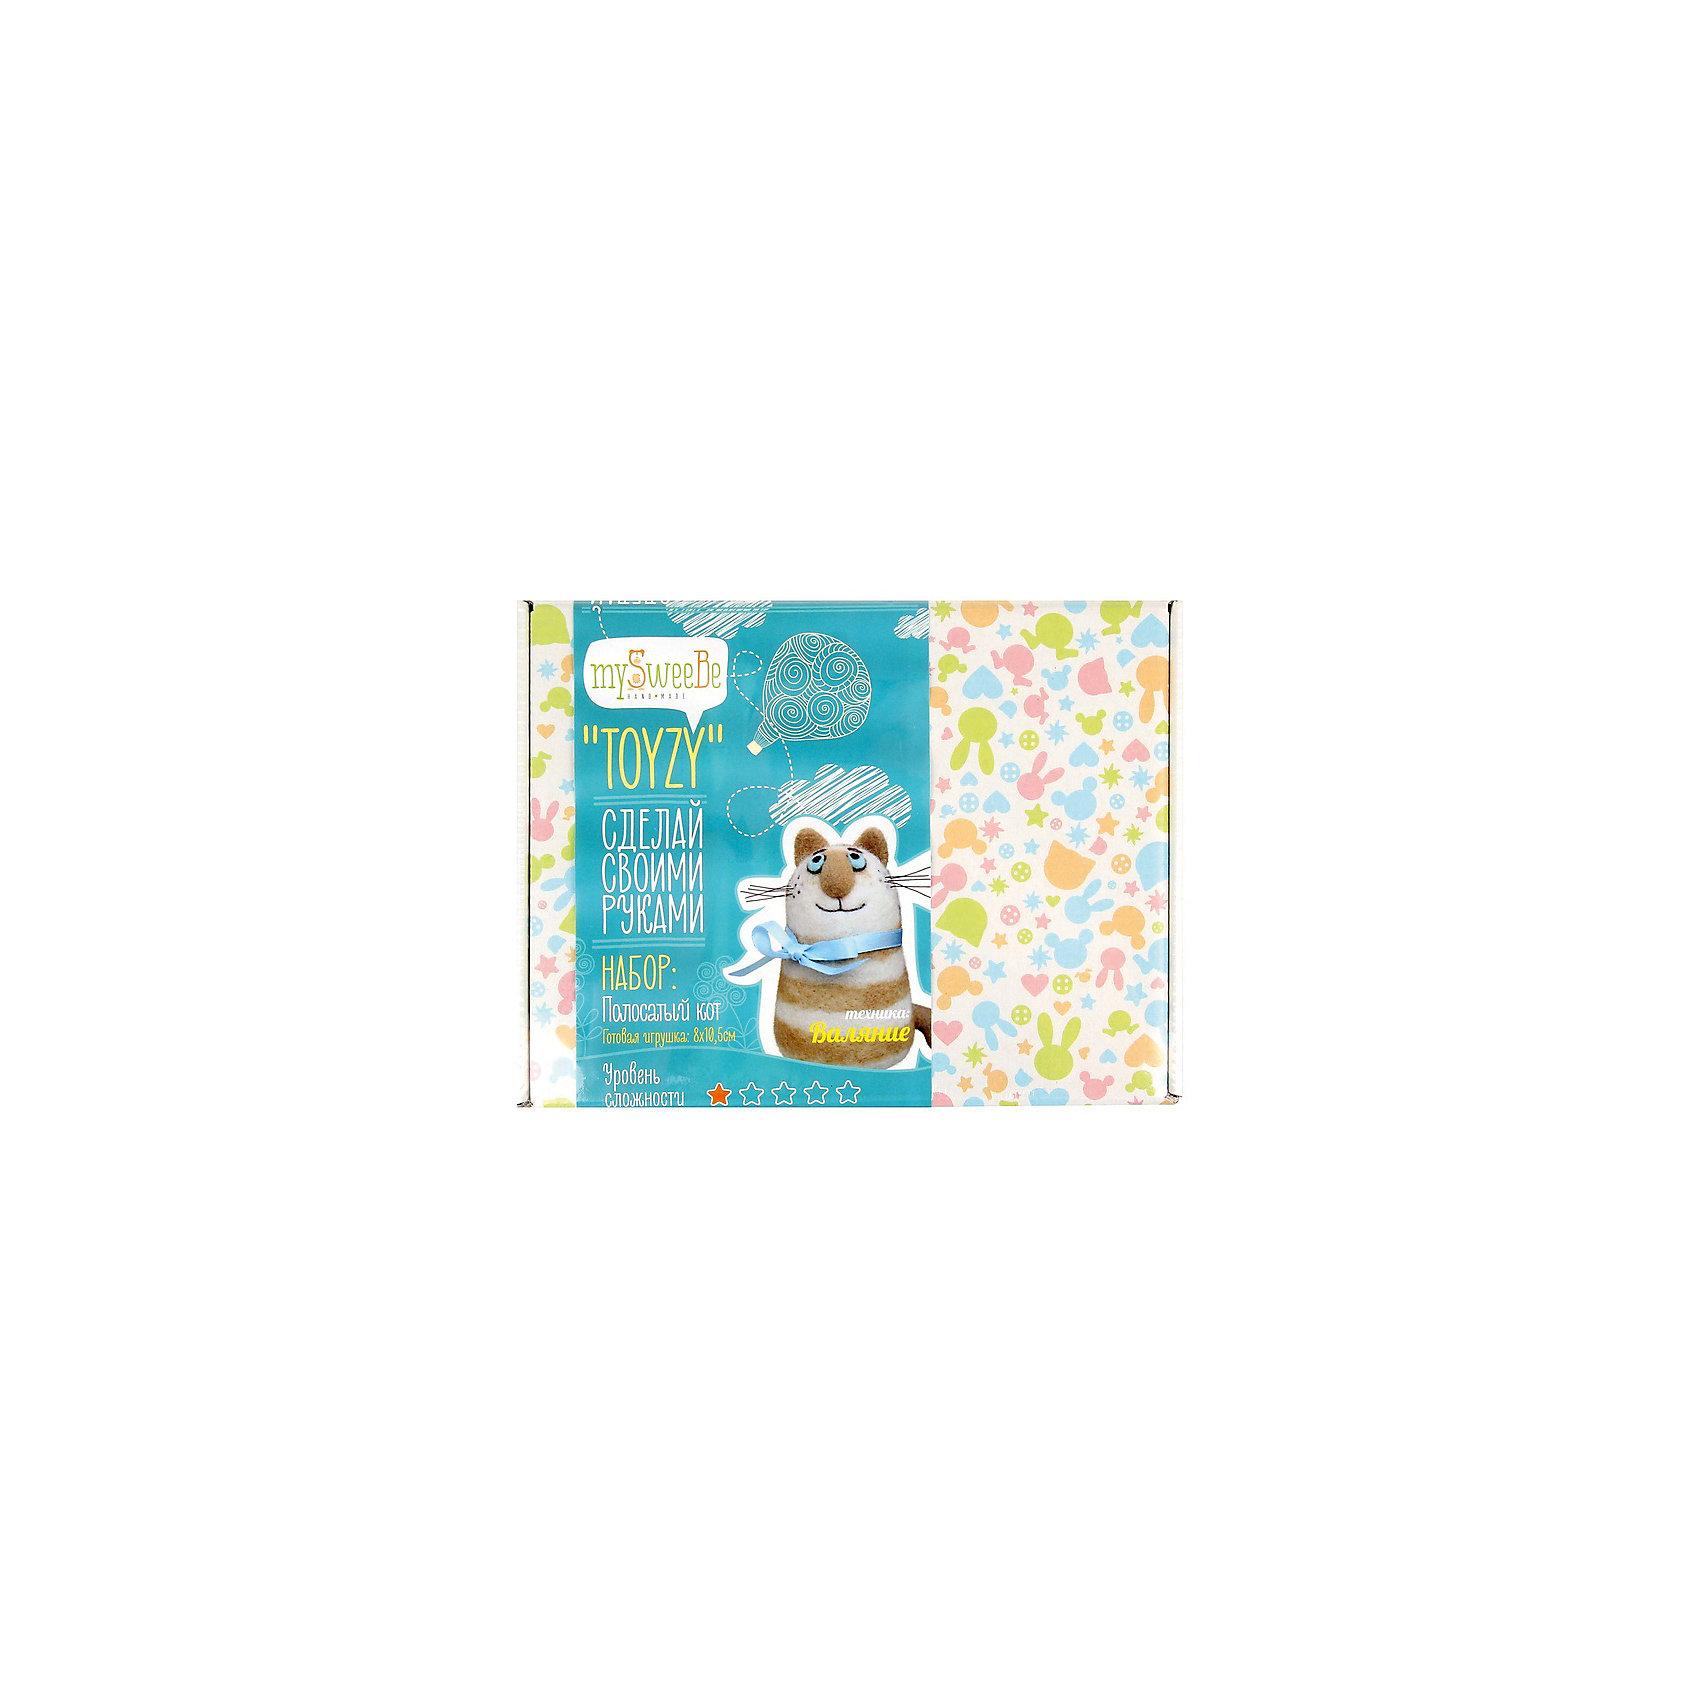 Набор для валяния Полосатый котРукоделие<br>Этот замечательный набор позволит создать милую мягкую игрушку в оригинальной технике валяния. Получившийся очаровательный полосатый кот станет любимой игрушкой ребенка или же прекрасным памятным подарком, сделанным своими руками. В наборе есть все необходимое, осталось добавить немного терпения и фантазии - и уникальная игрушка готова! Все инструменты и материалы, входящие в набор, являются натуральными и высококачественными, а значит, безопасными для детей. Валяние - прекрасный вид детского досуга, который успокоит нервную систему, поможет развить внимание, усидчивость и мелкую моторику. <br><br>Дополнительная информация:<br><br>- Материал: шерсть, пластик.<br>- Размер: 25х19х6 см.<br>- Размер игрушки: 10,6х8 см. <br>- Комплектация: шерсть, инструкция, иглы, полимерная глина, губка, проволока<br><br>Набор для валяния Полосатый кот можно купить в нашем магазине.<br><br>Ширина мм: 180<br>Глубина мм: 240<br>Высота мм: 50<br>Вес г: 190<br>Возраст от месяцев: 84<br>Возраст до месяцев: 192<br>Пол: Унисекс<br>Возраст: Детский<br>SKU: 4603780